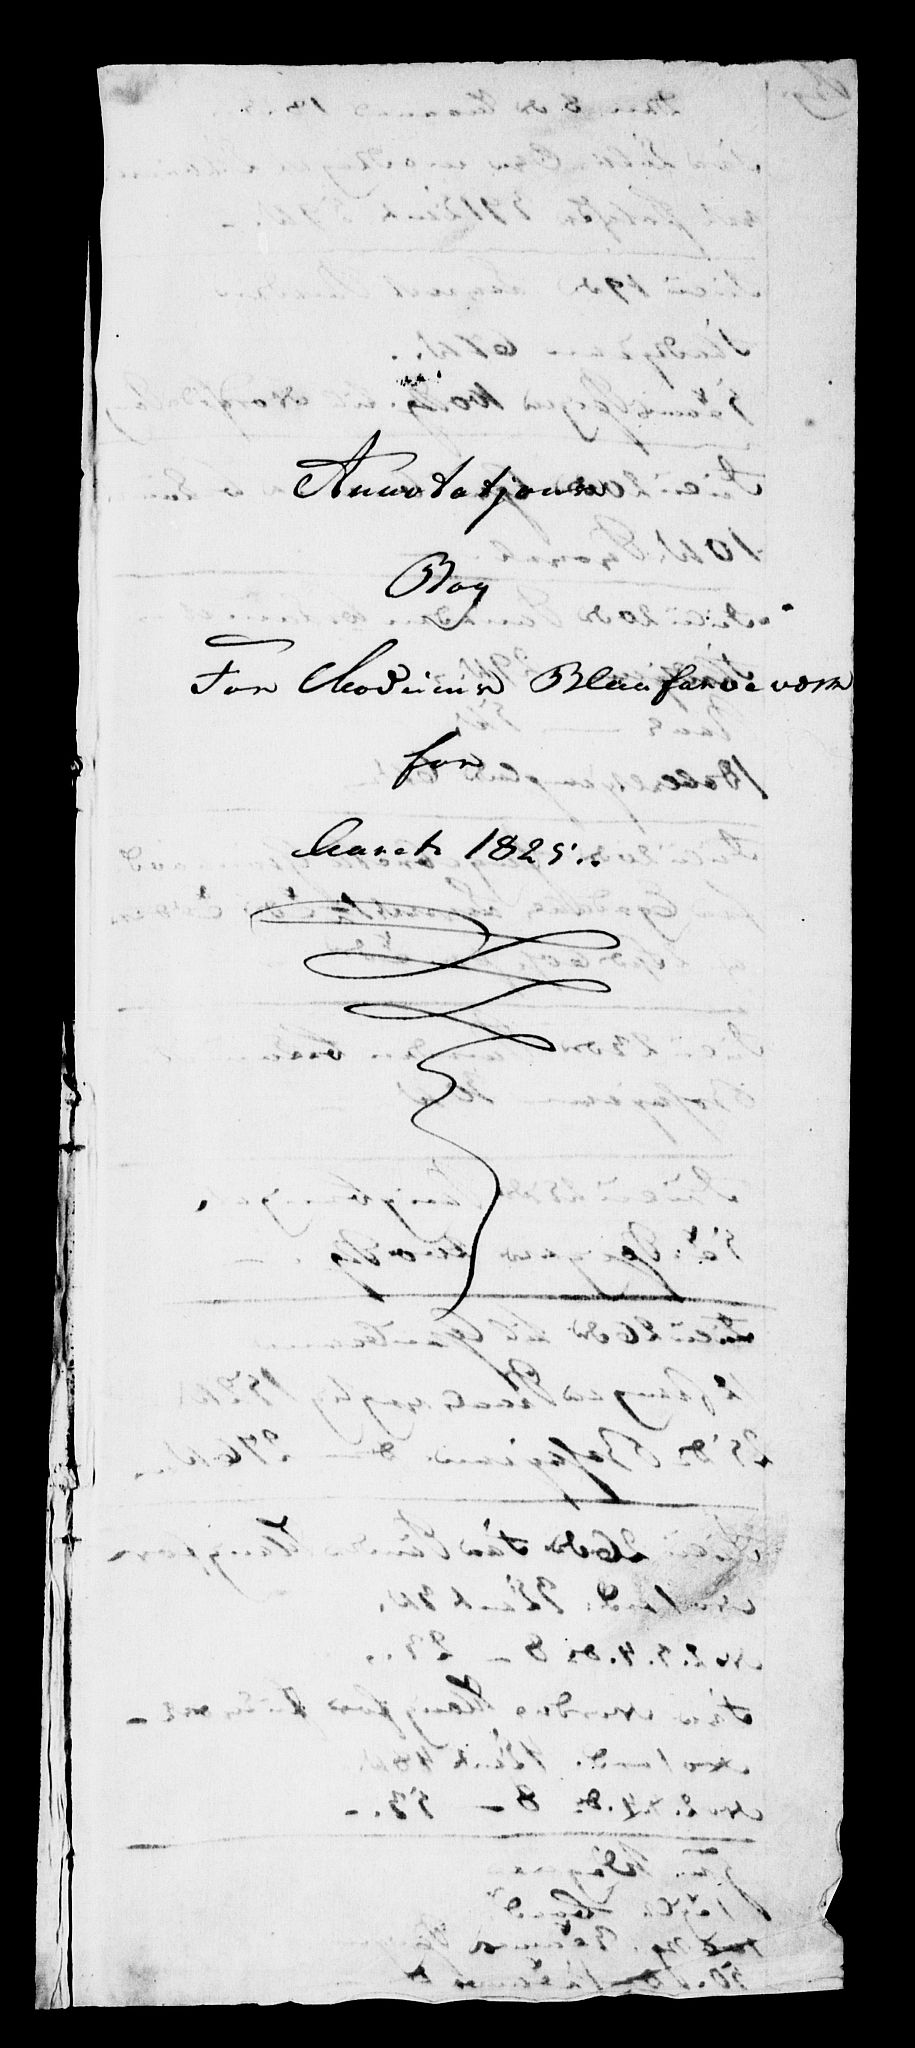 RA, Modums Blaafarveværk, G/Gd/Gdb/L0197: Annotations Bog, Dagbok over inn- og utgående materiale, 1825-1828, s. 2